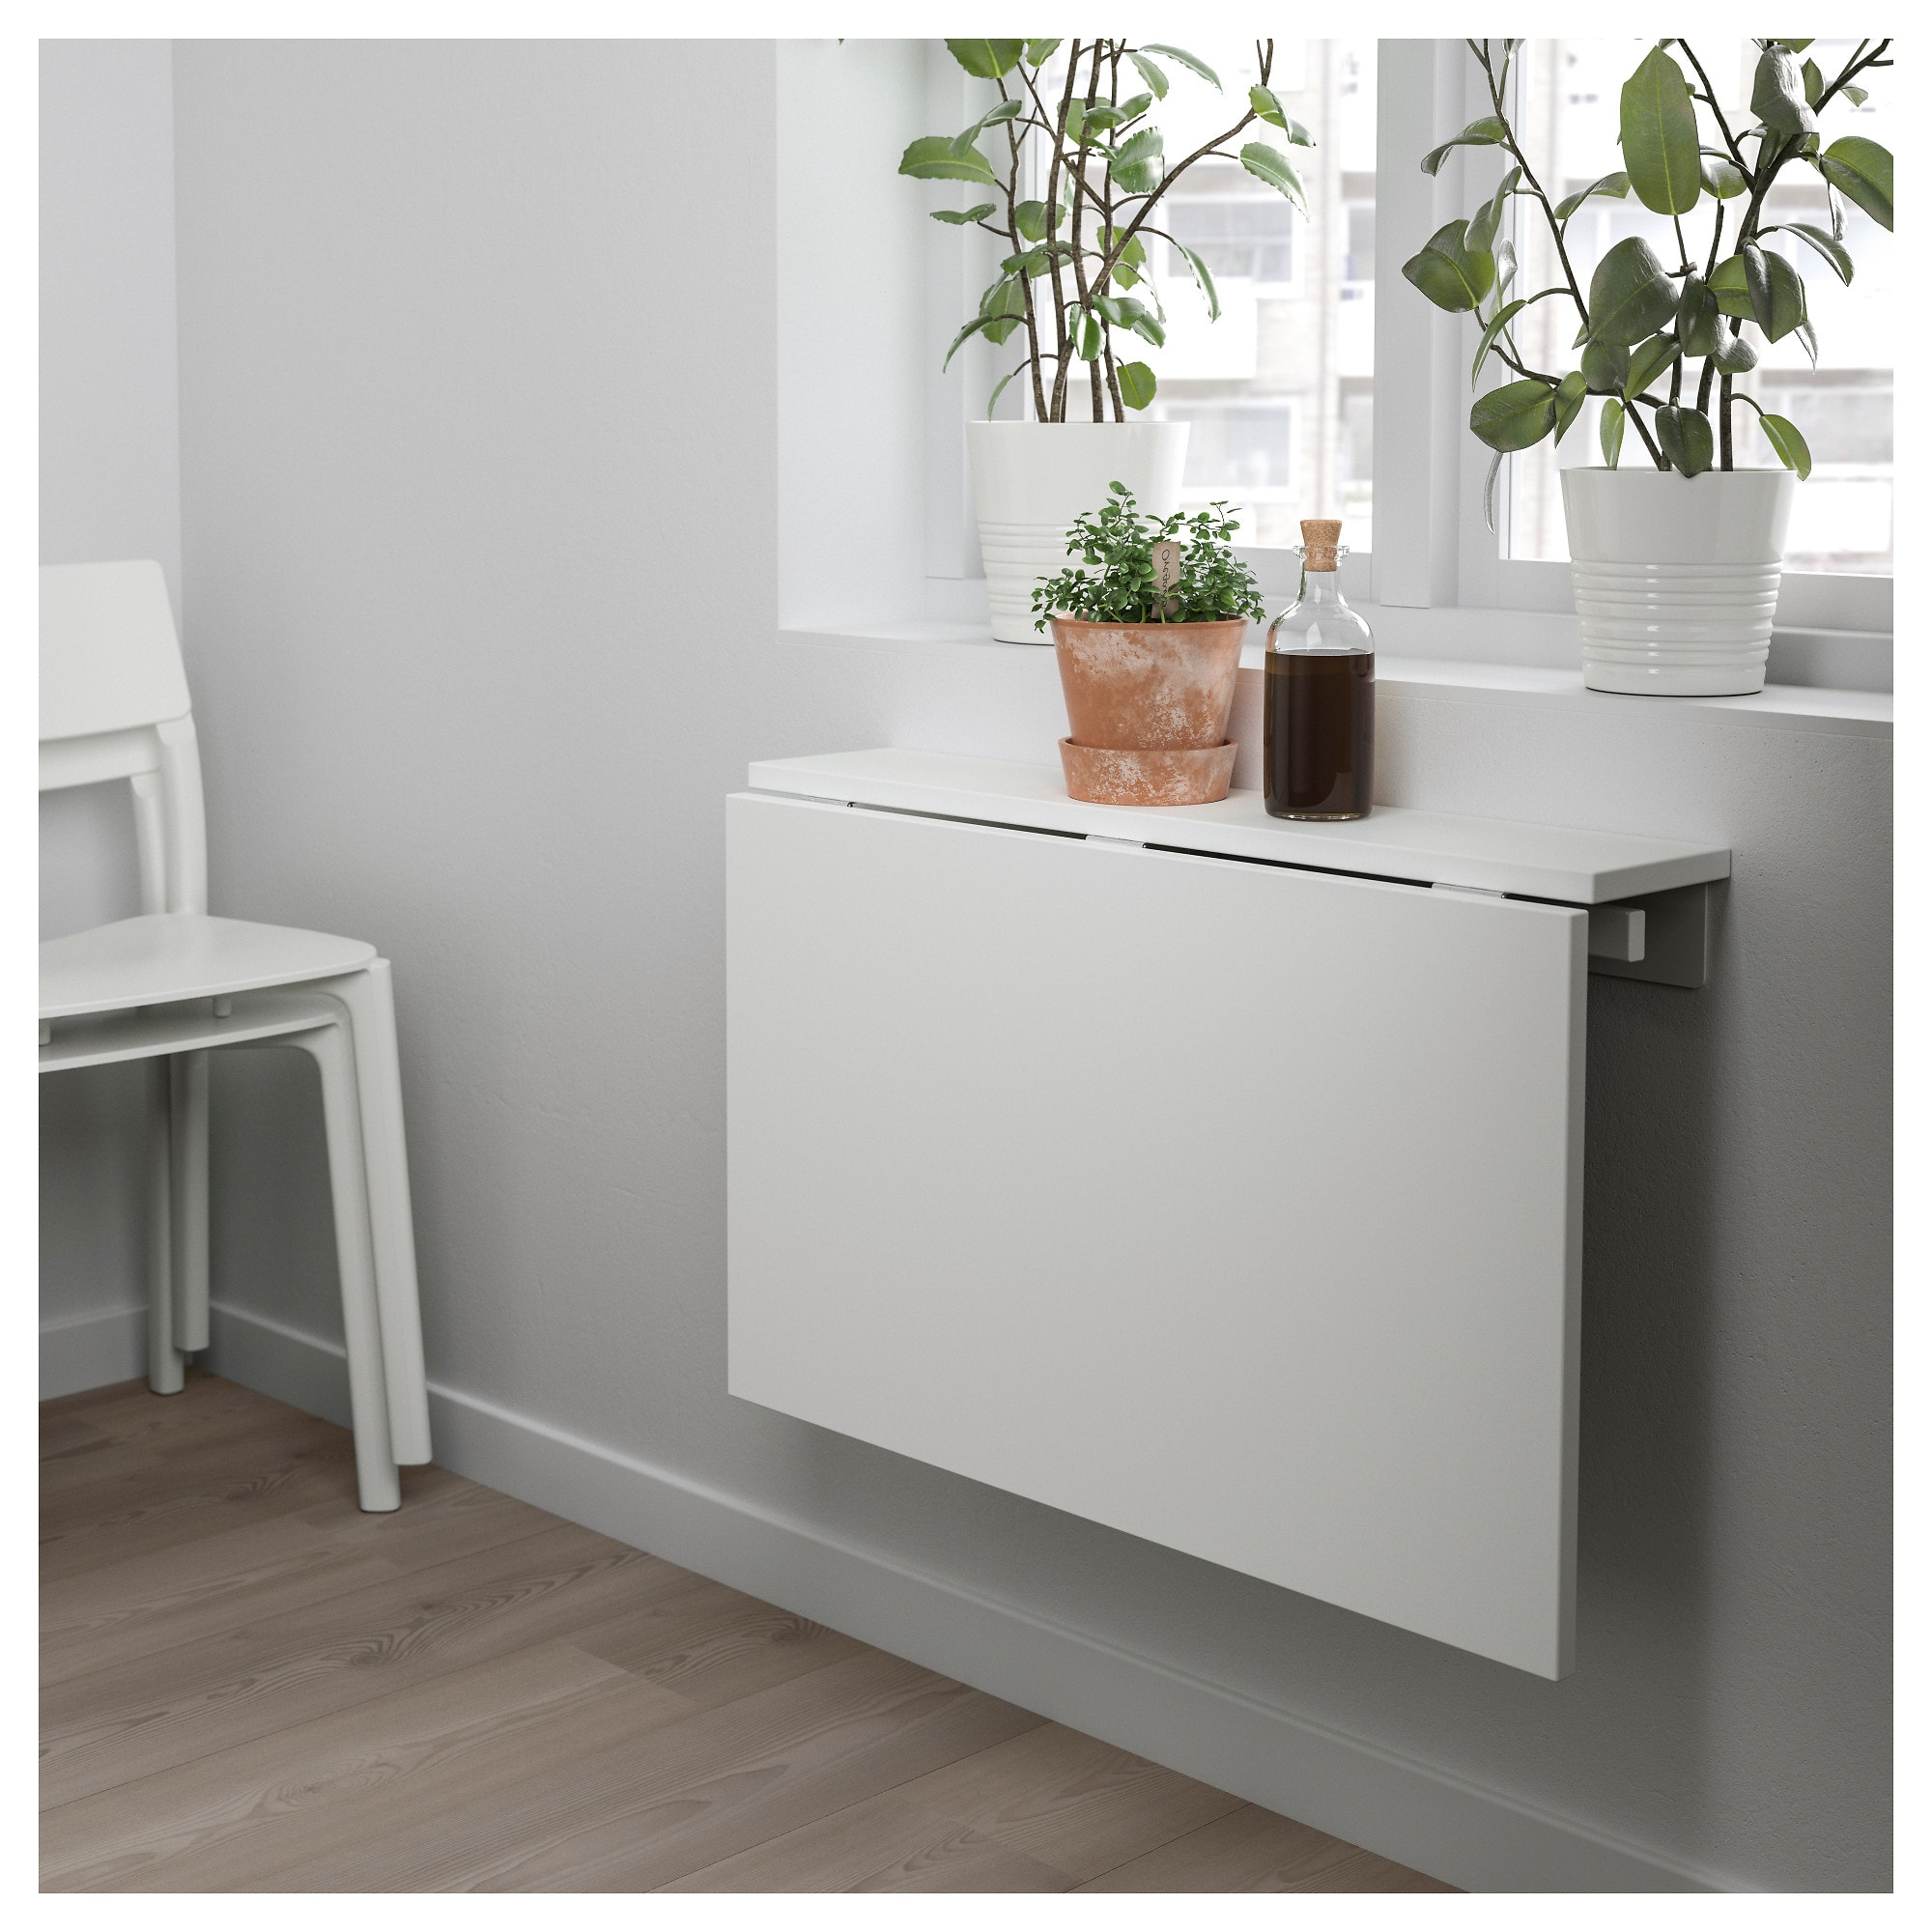 Mesa Abatible Zwdg norberg Mesa Abatible De Pared Blanco 74 X 60 Cm Ikea